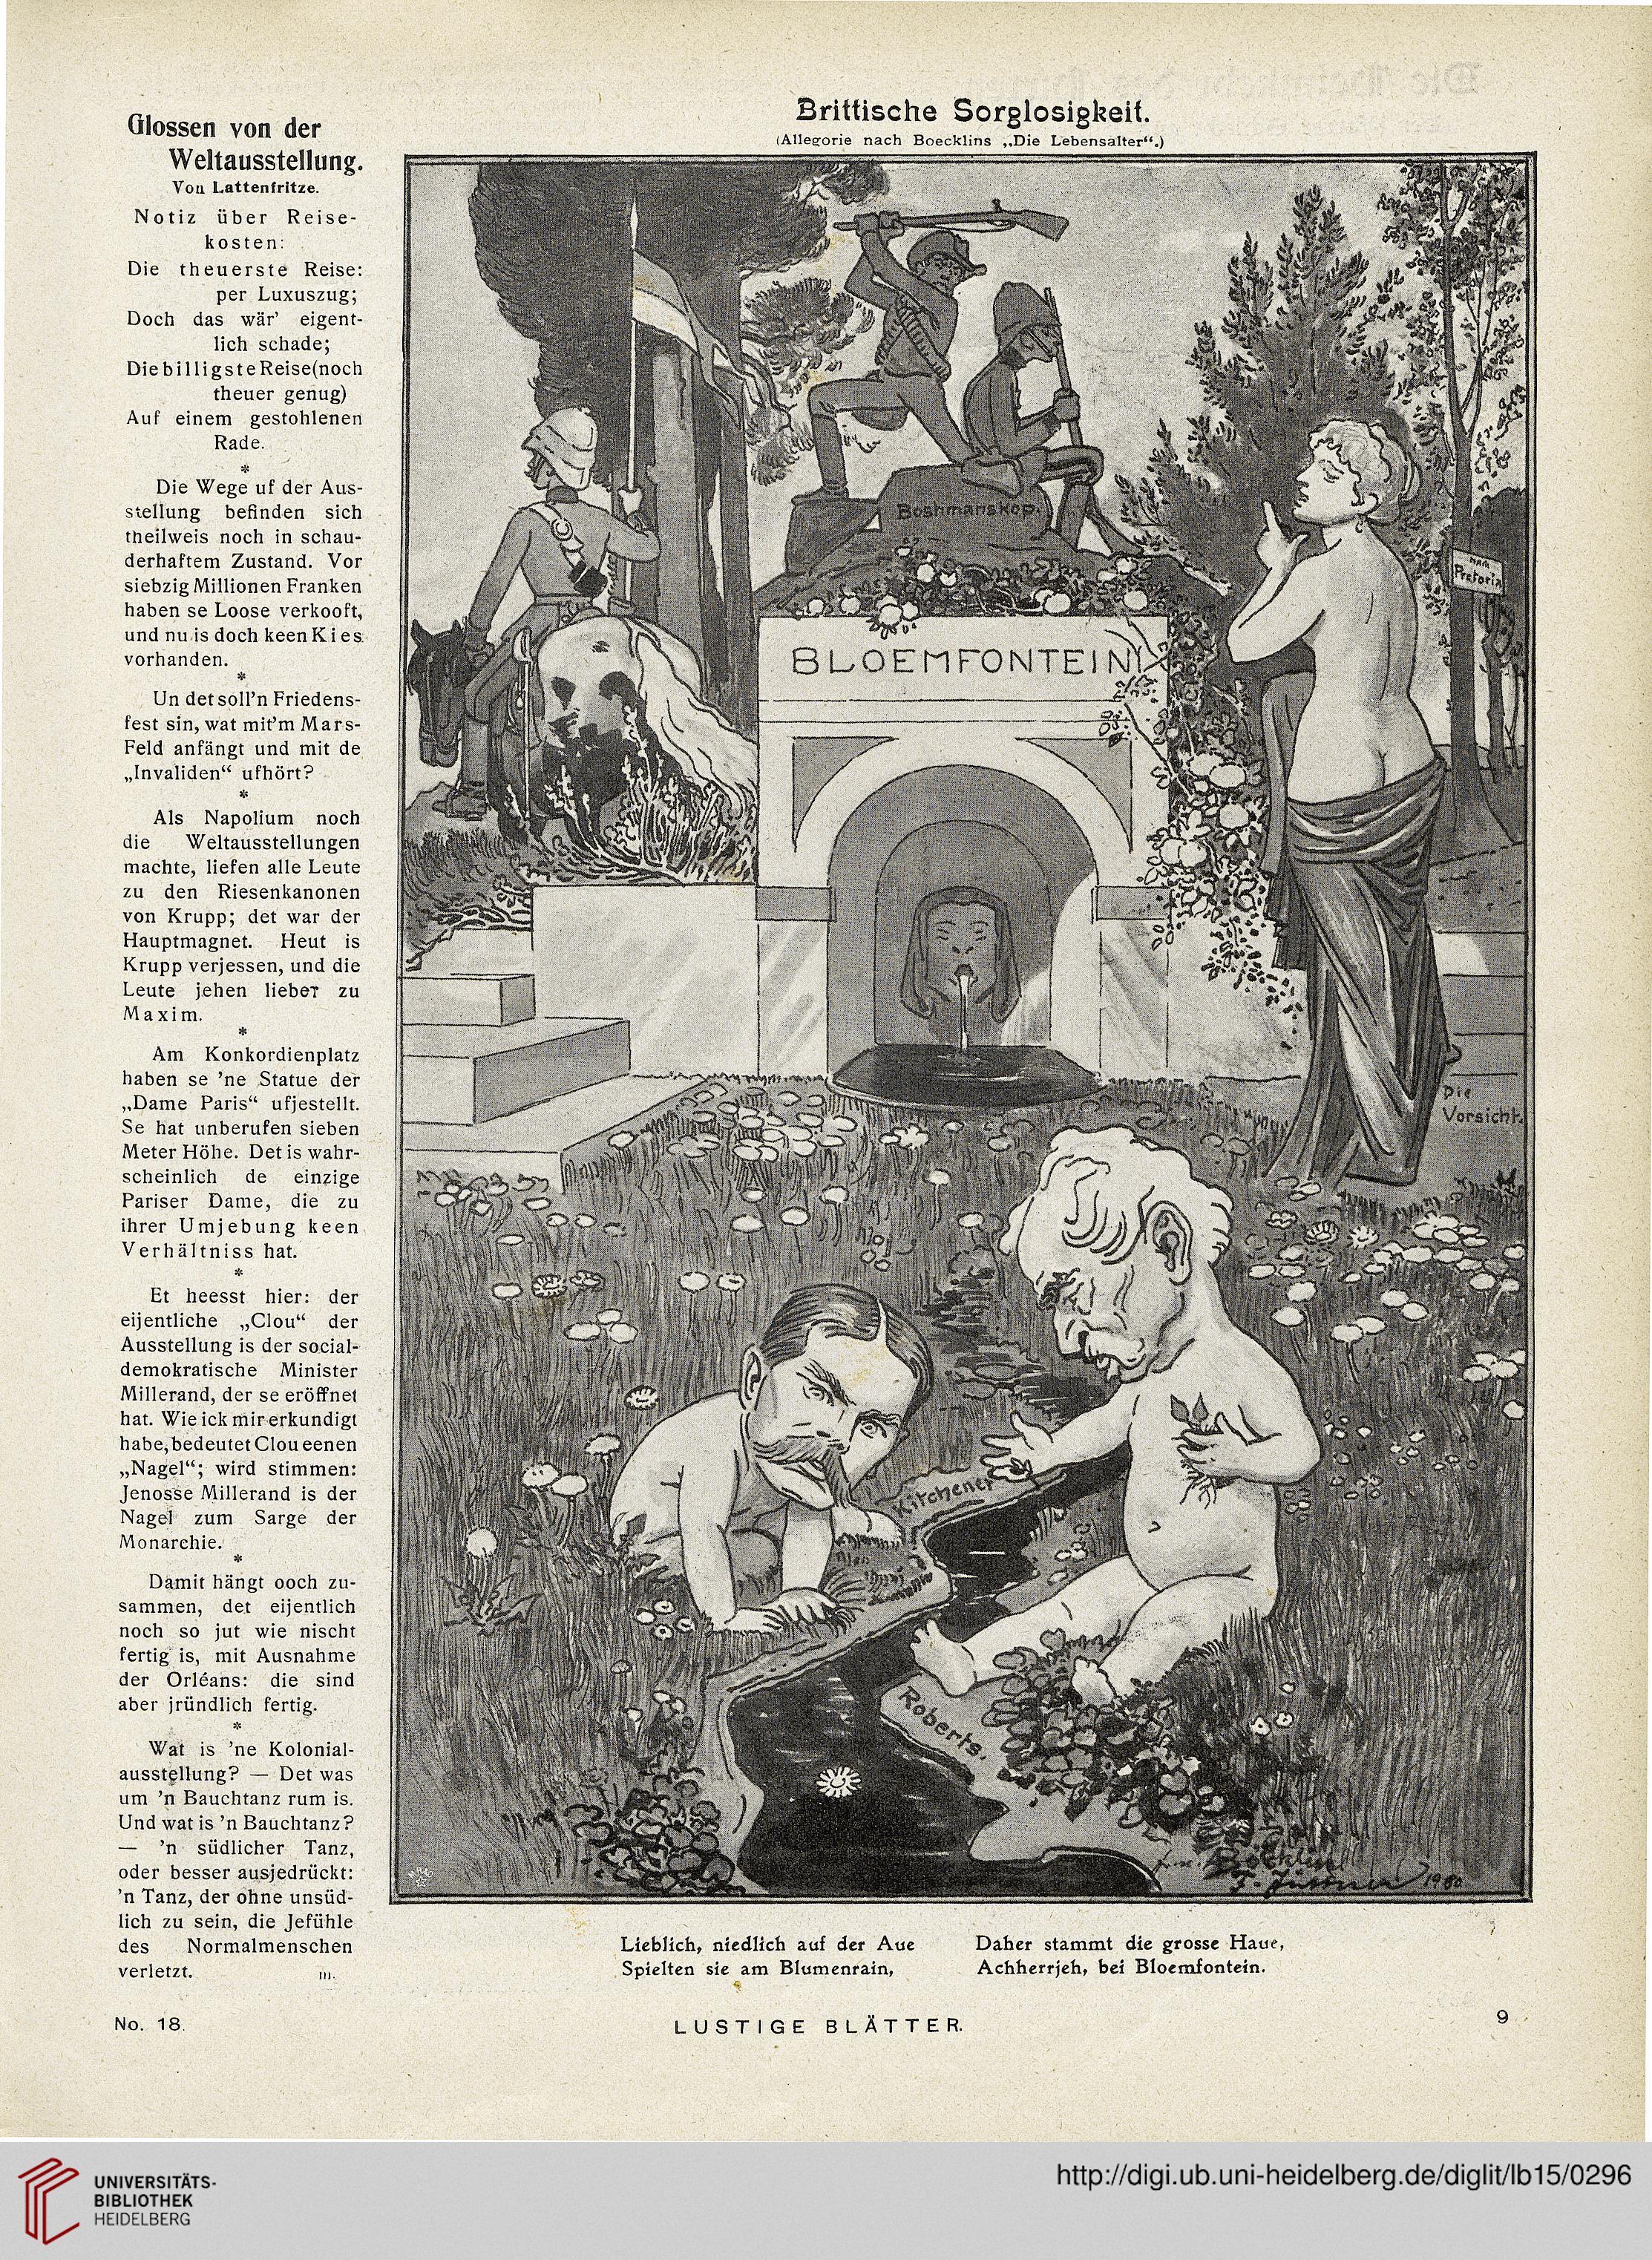 Lustige Blatter Schonstes Buntes Witzblatt Deutschlands 15 1900